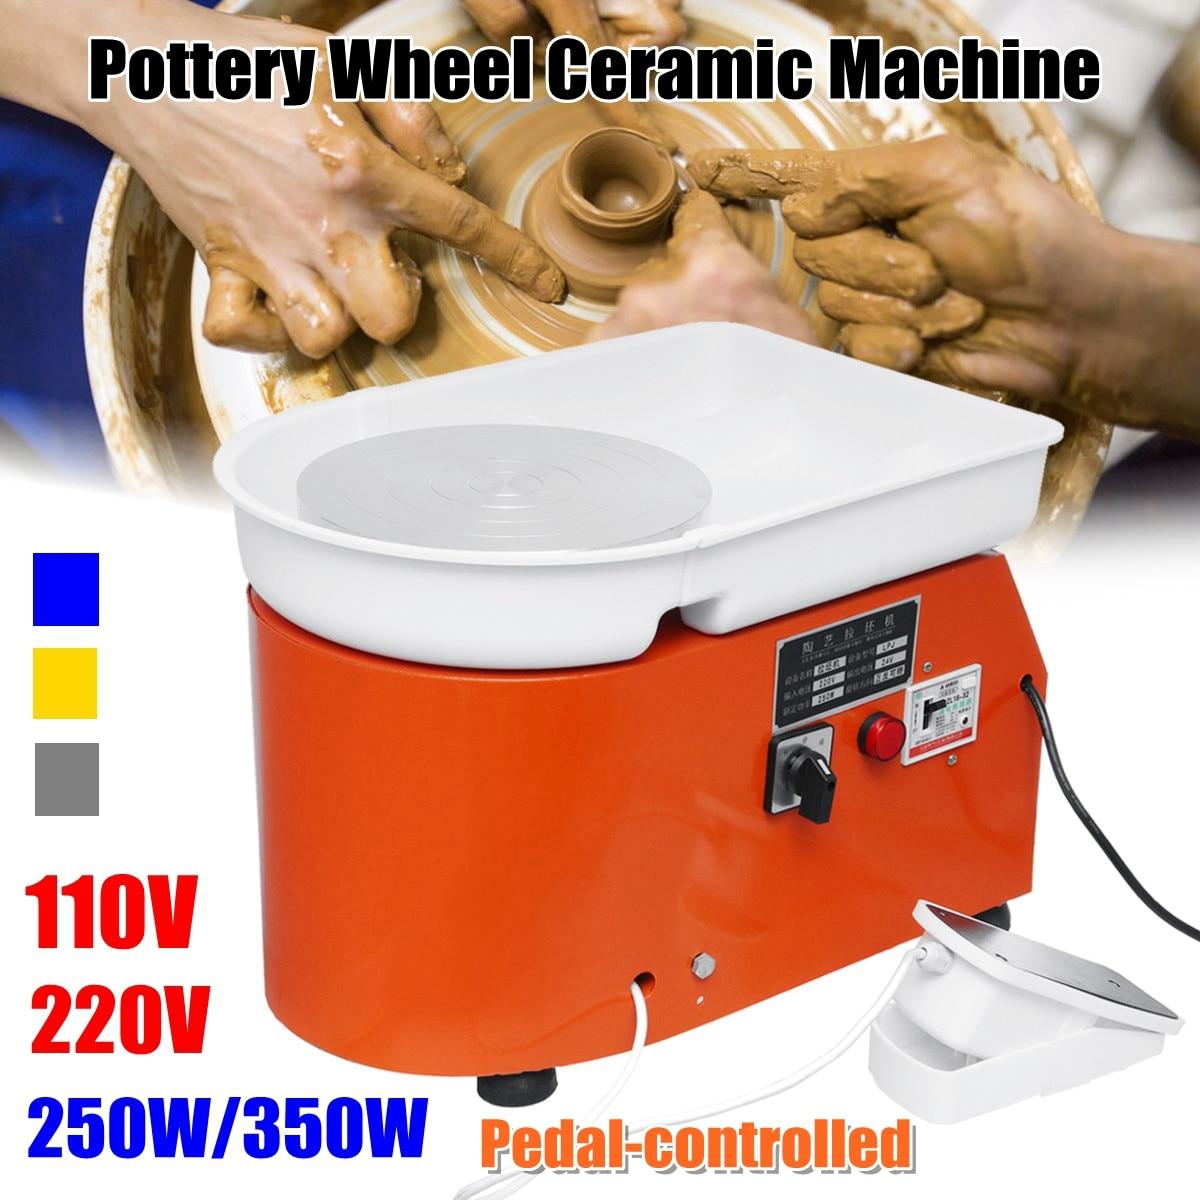 220 В/350 Вт Электрический туры колеса керамика машина Керамика глины Поттер Книги по искусству для работы